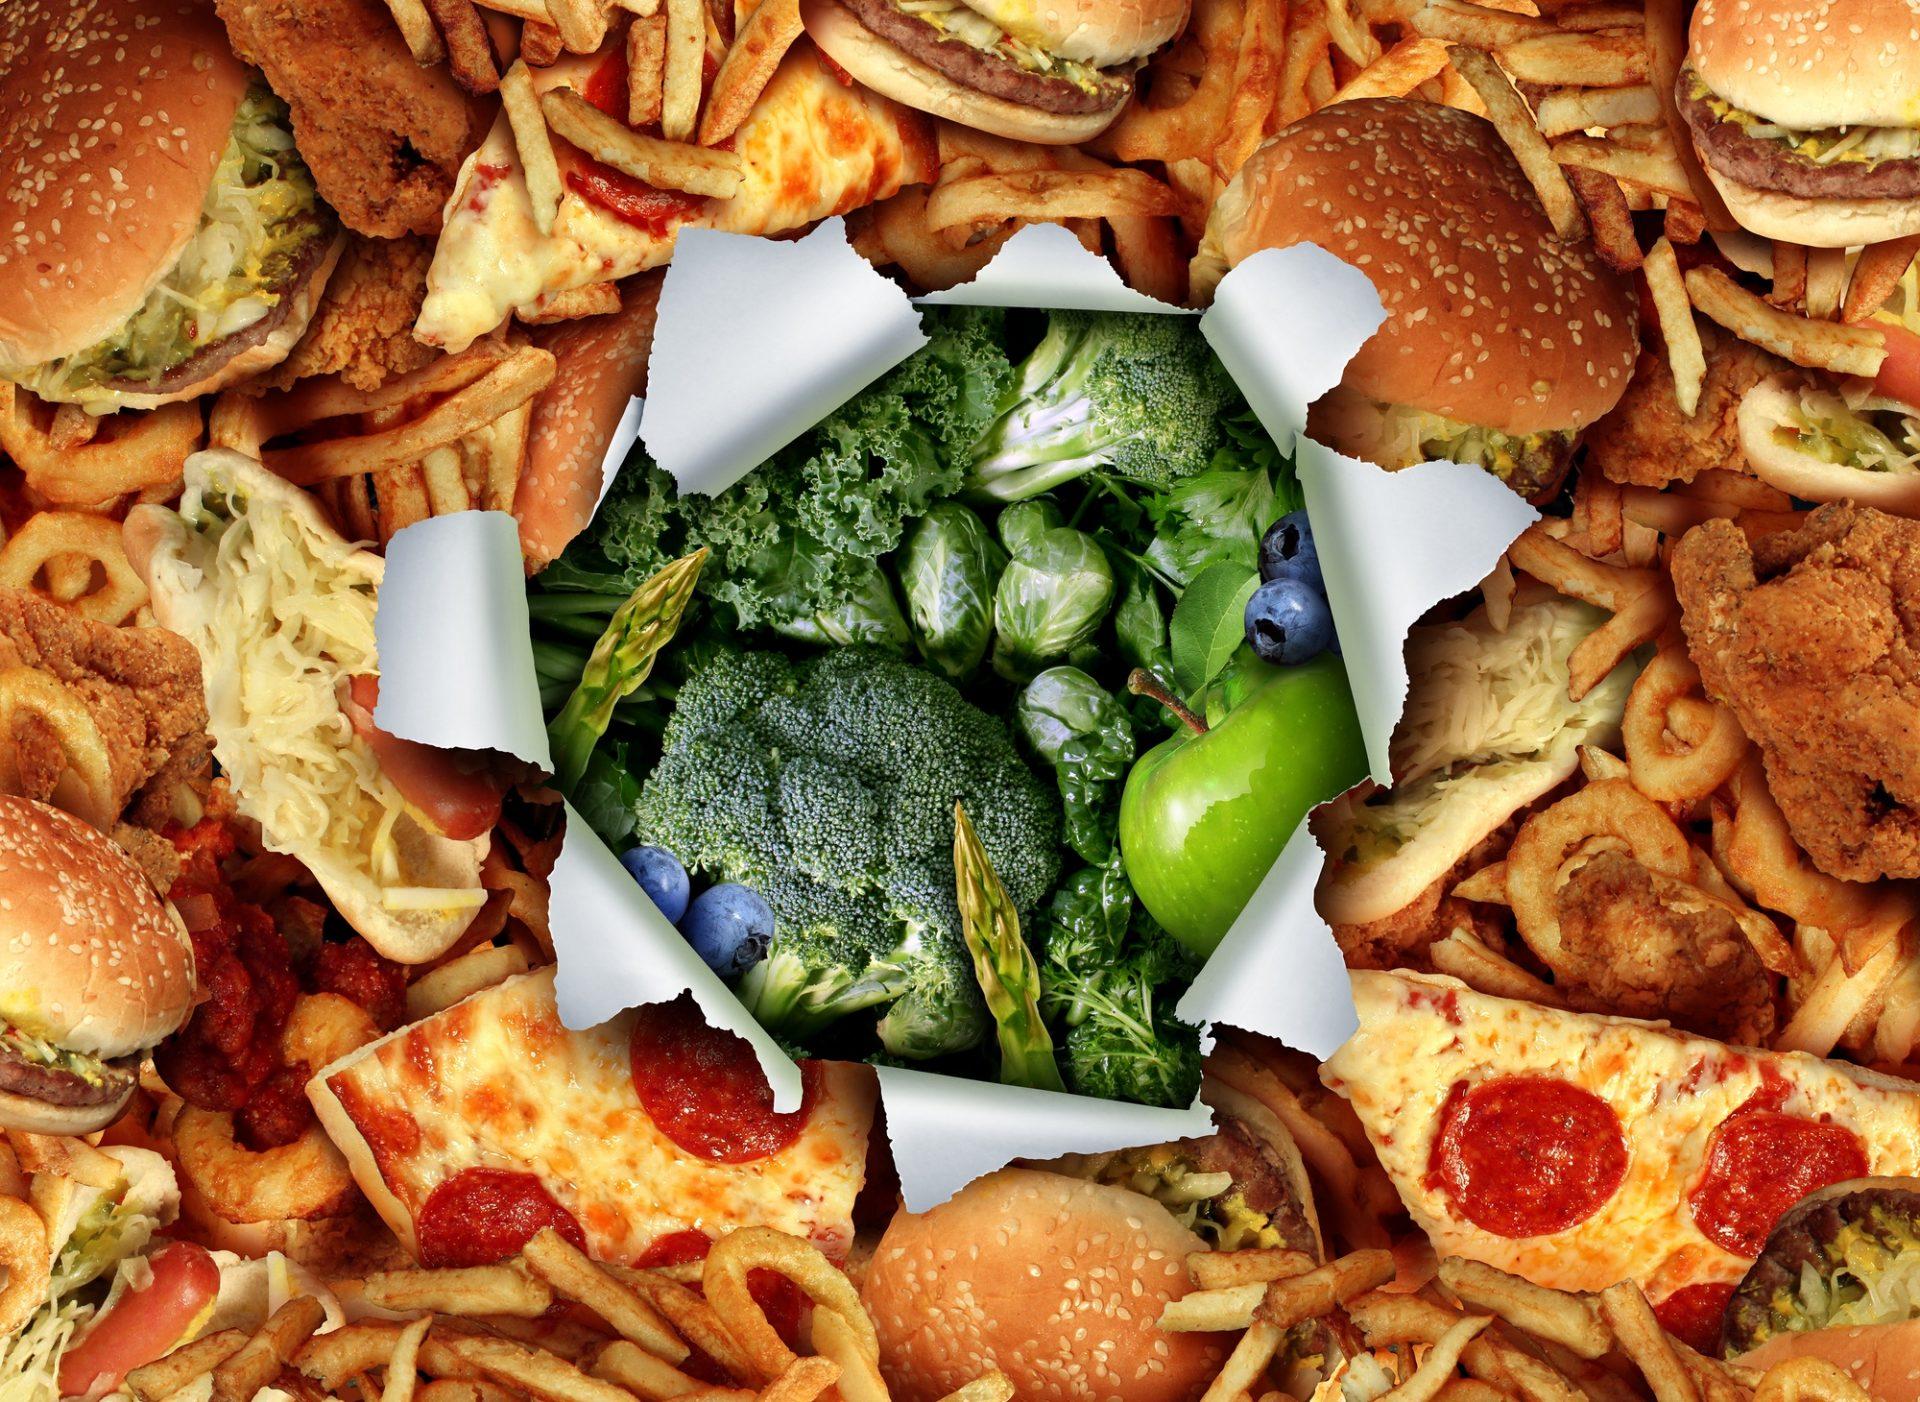 O que é bom para diminuir colesterol alto Como tratar